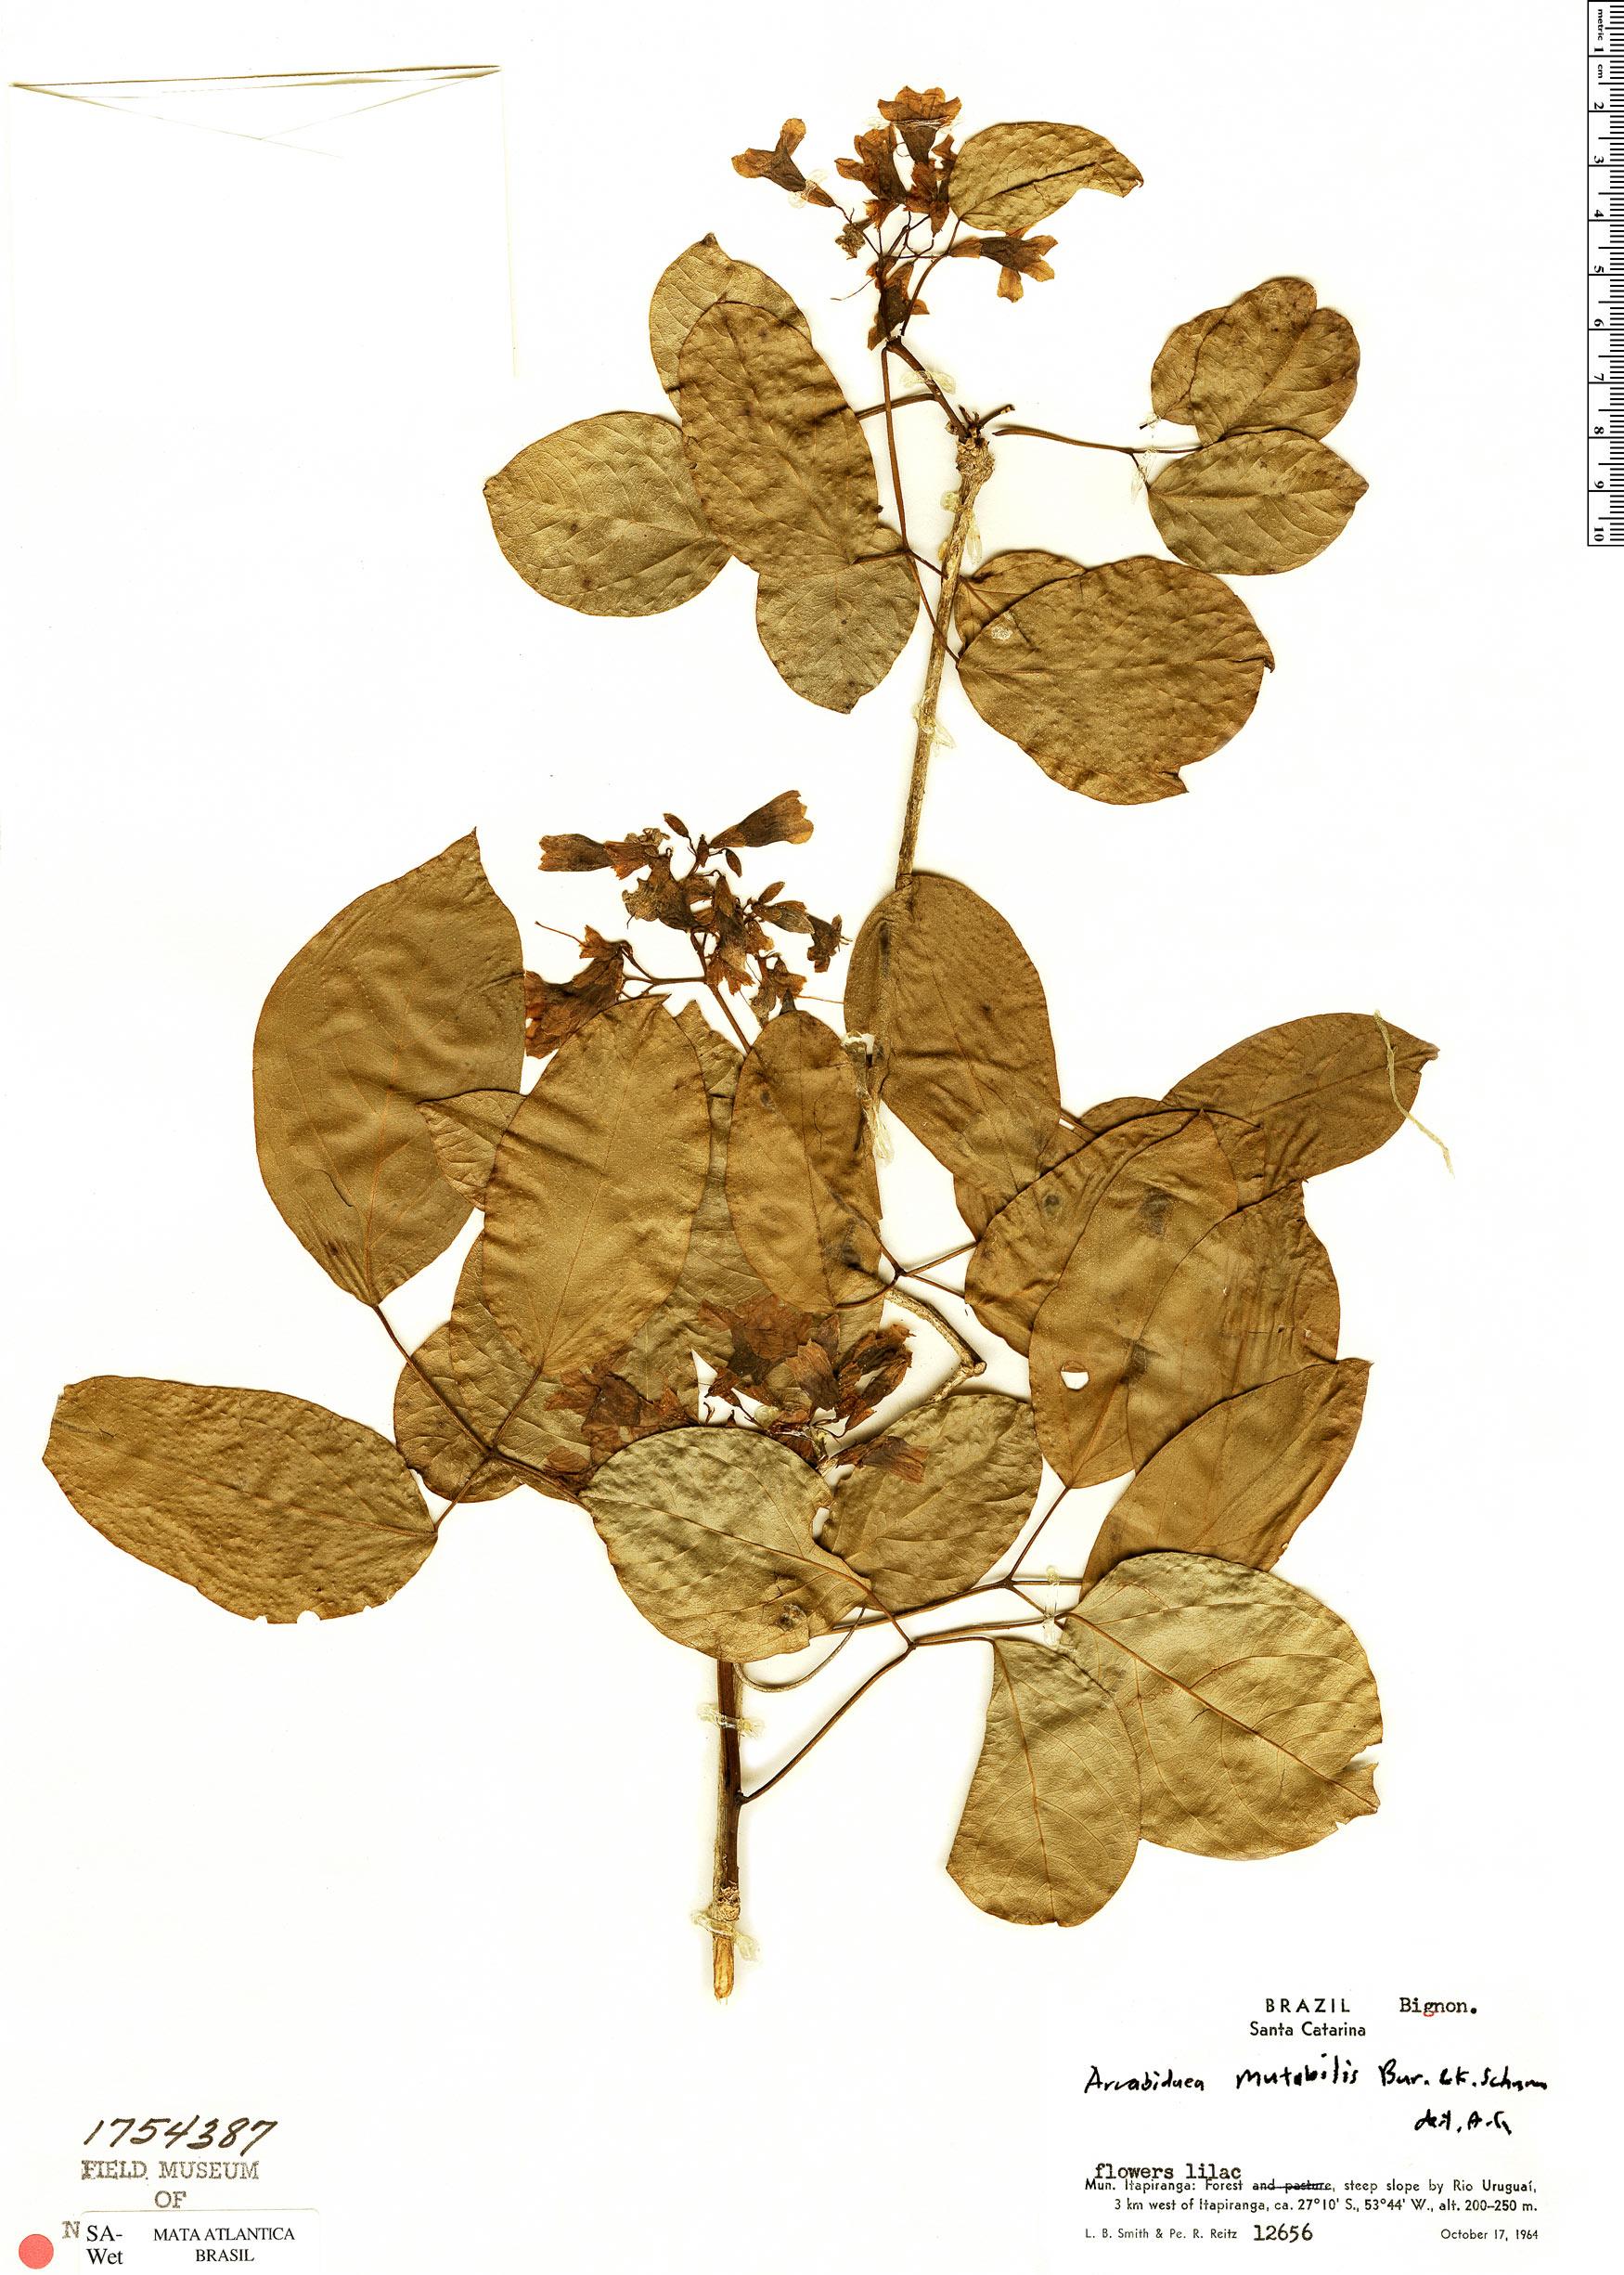 Specimen: Tanaecium mutabile